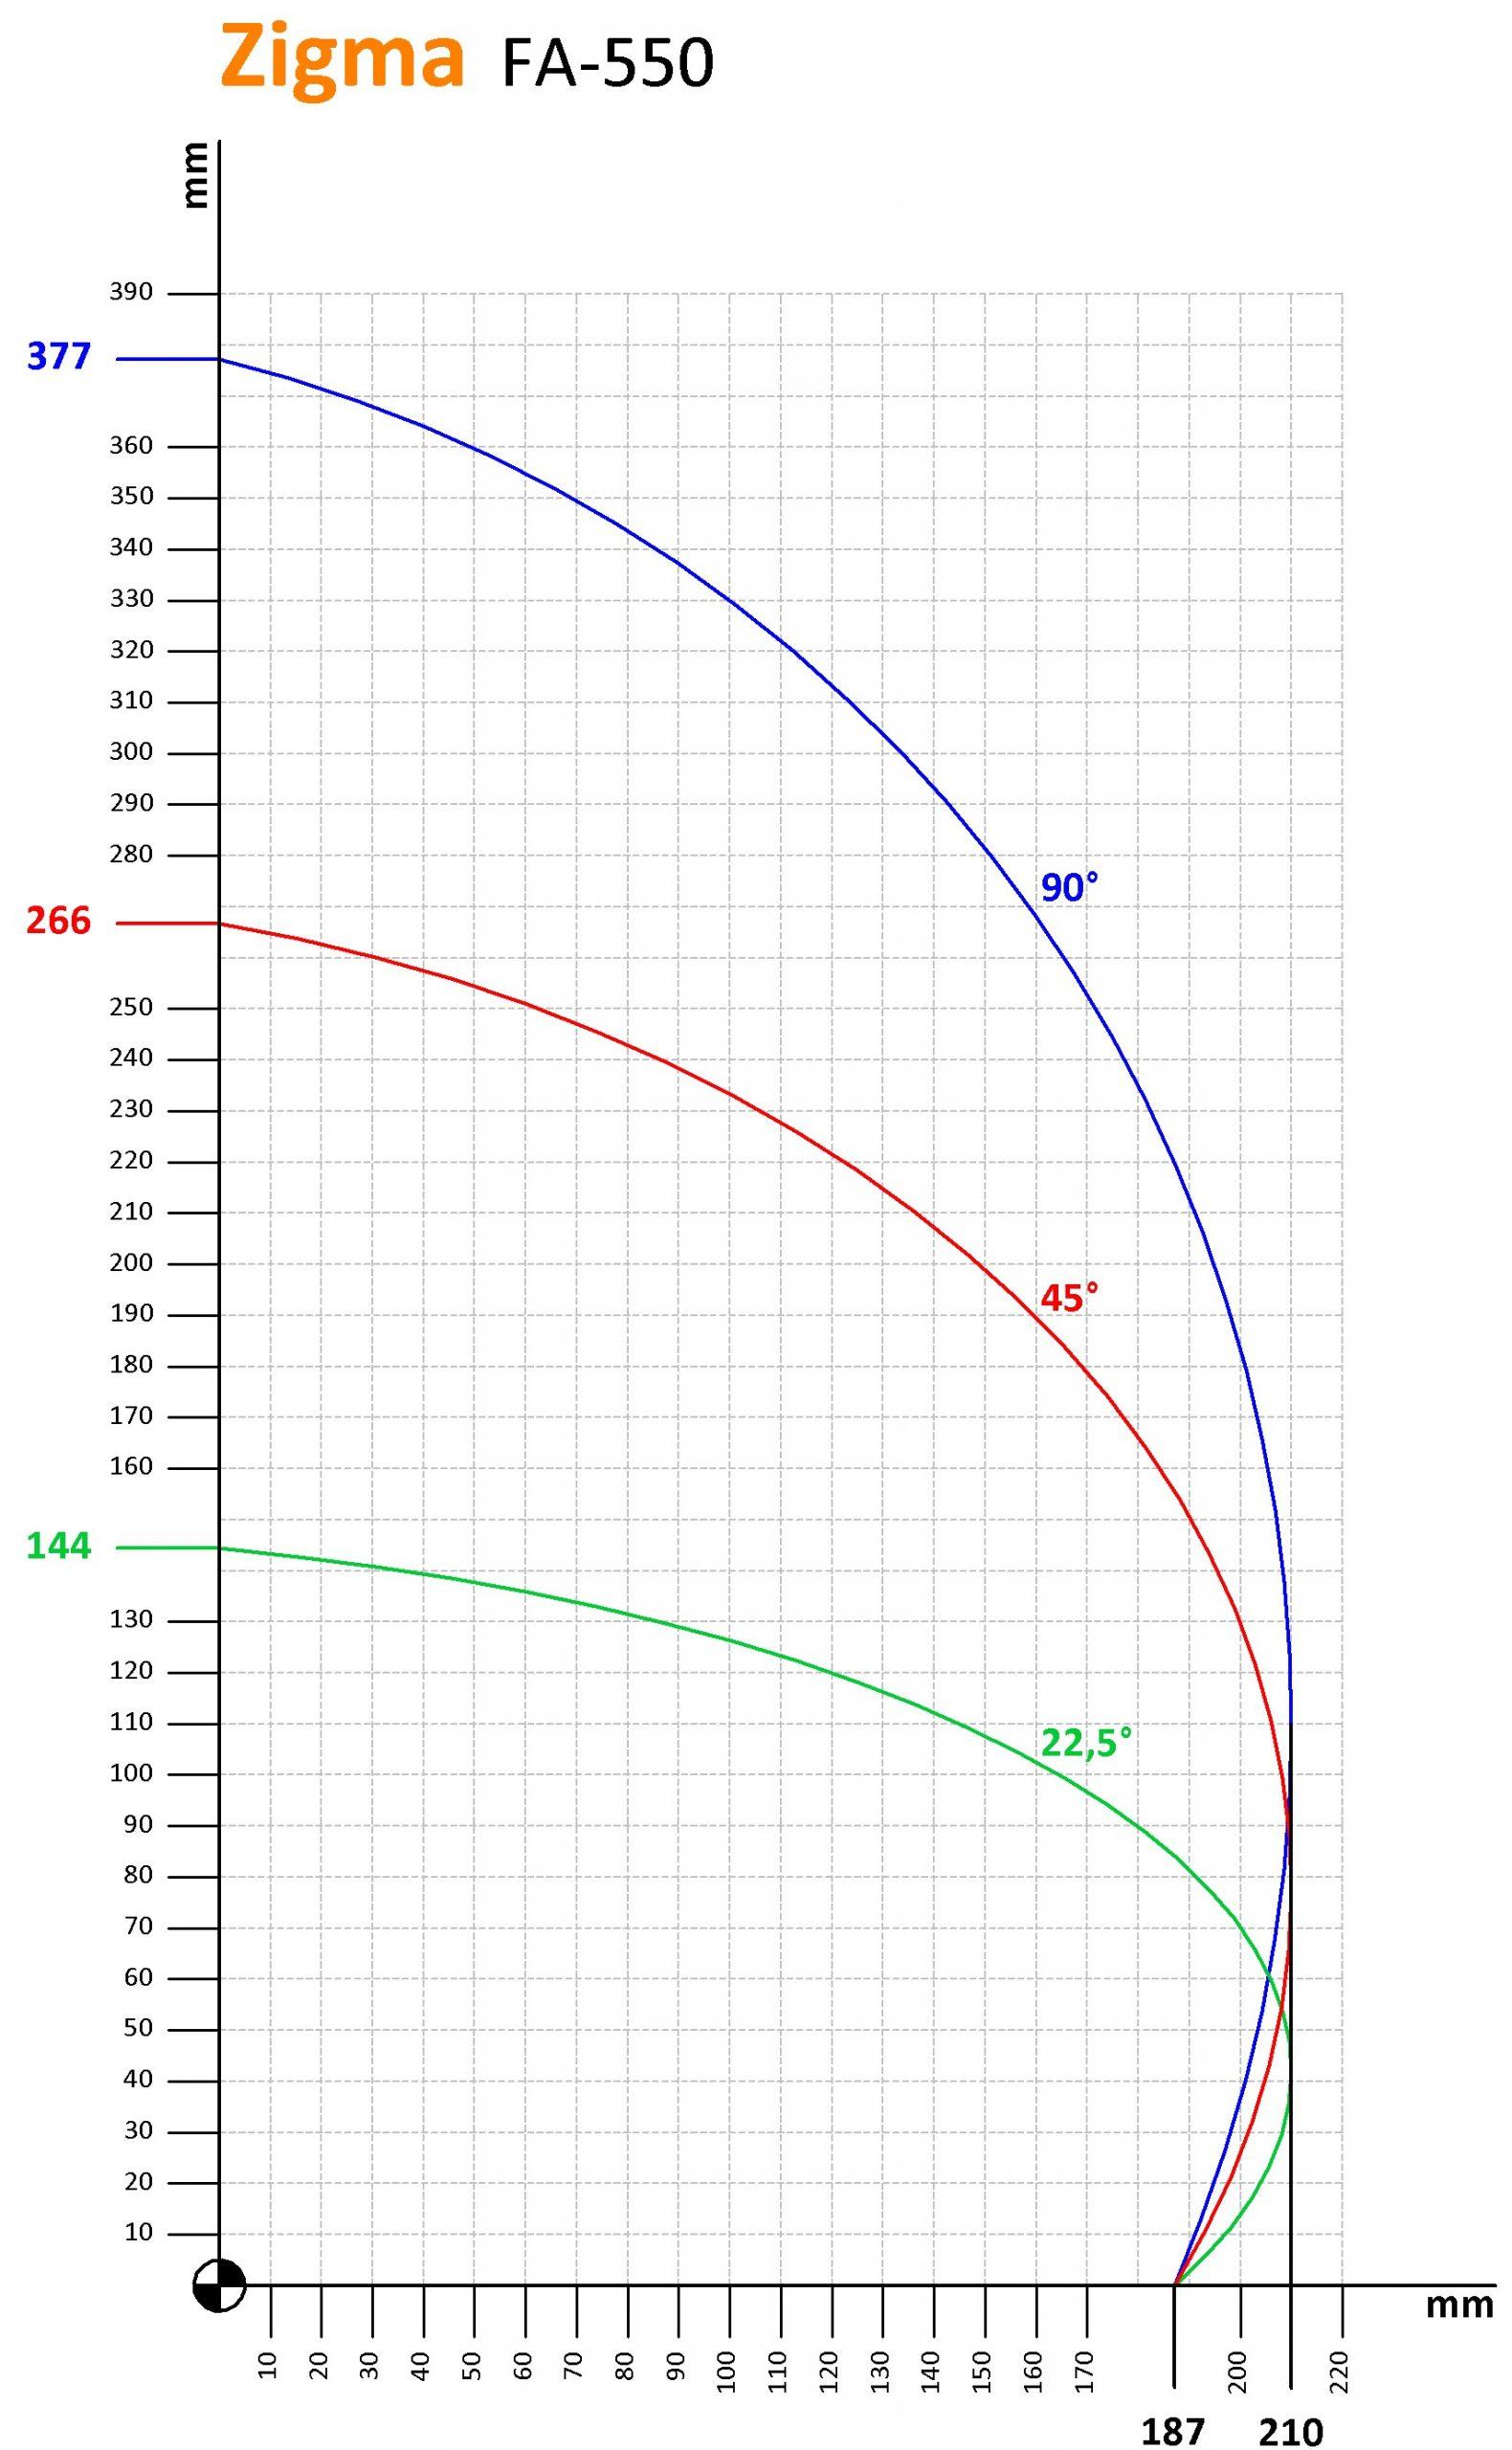 Zigma-FA550_Kesme-Kapasitesi